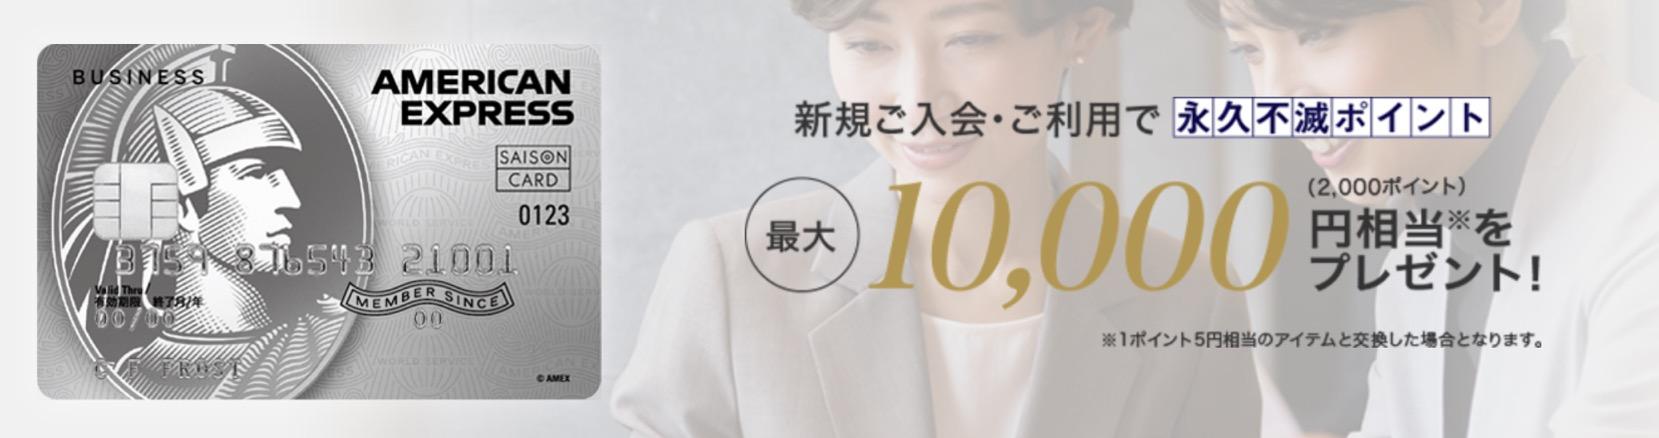 公式サイトの入会キャンペーン「10,000円相当プレゼント」の概要